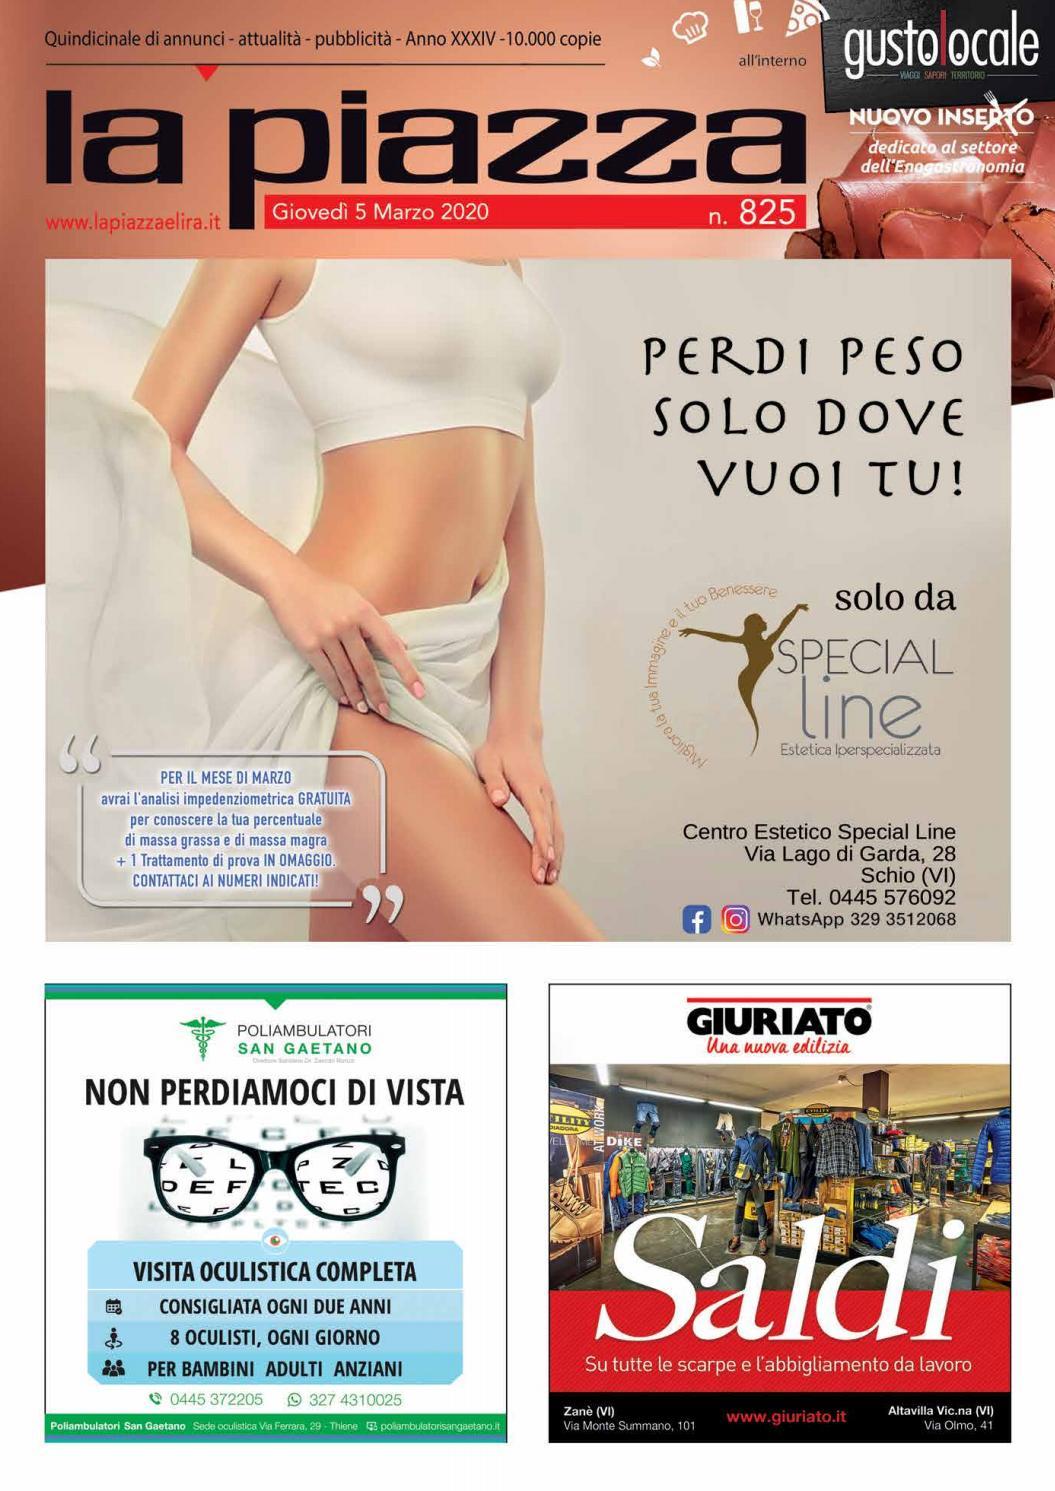 Il Migliore Amico Schio la piazza di thiene n 825 by pubblistudio pubblicità srl - issuu